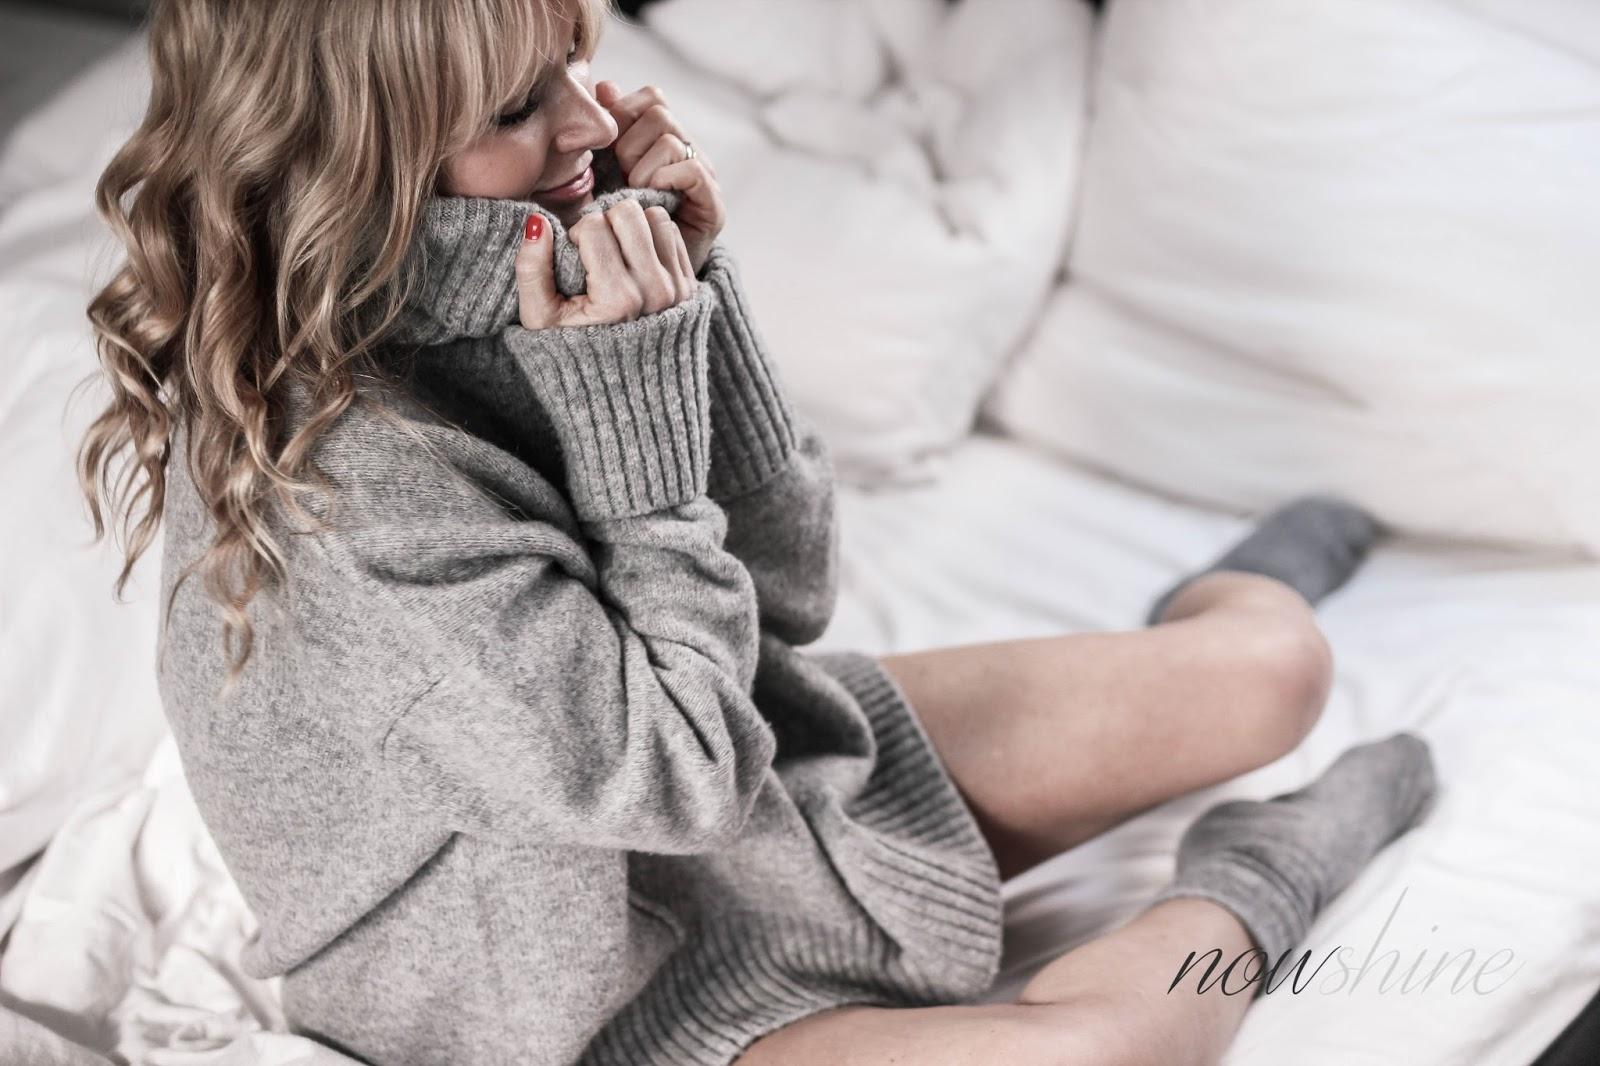 Vorzeitige Wechseljahre Nowshine Lifestyle Blog über 40